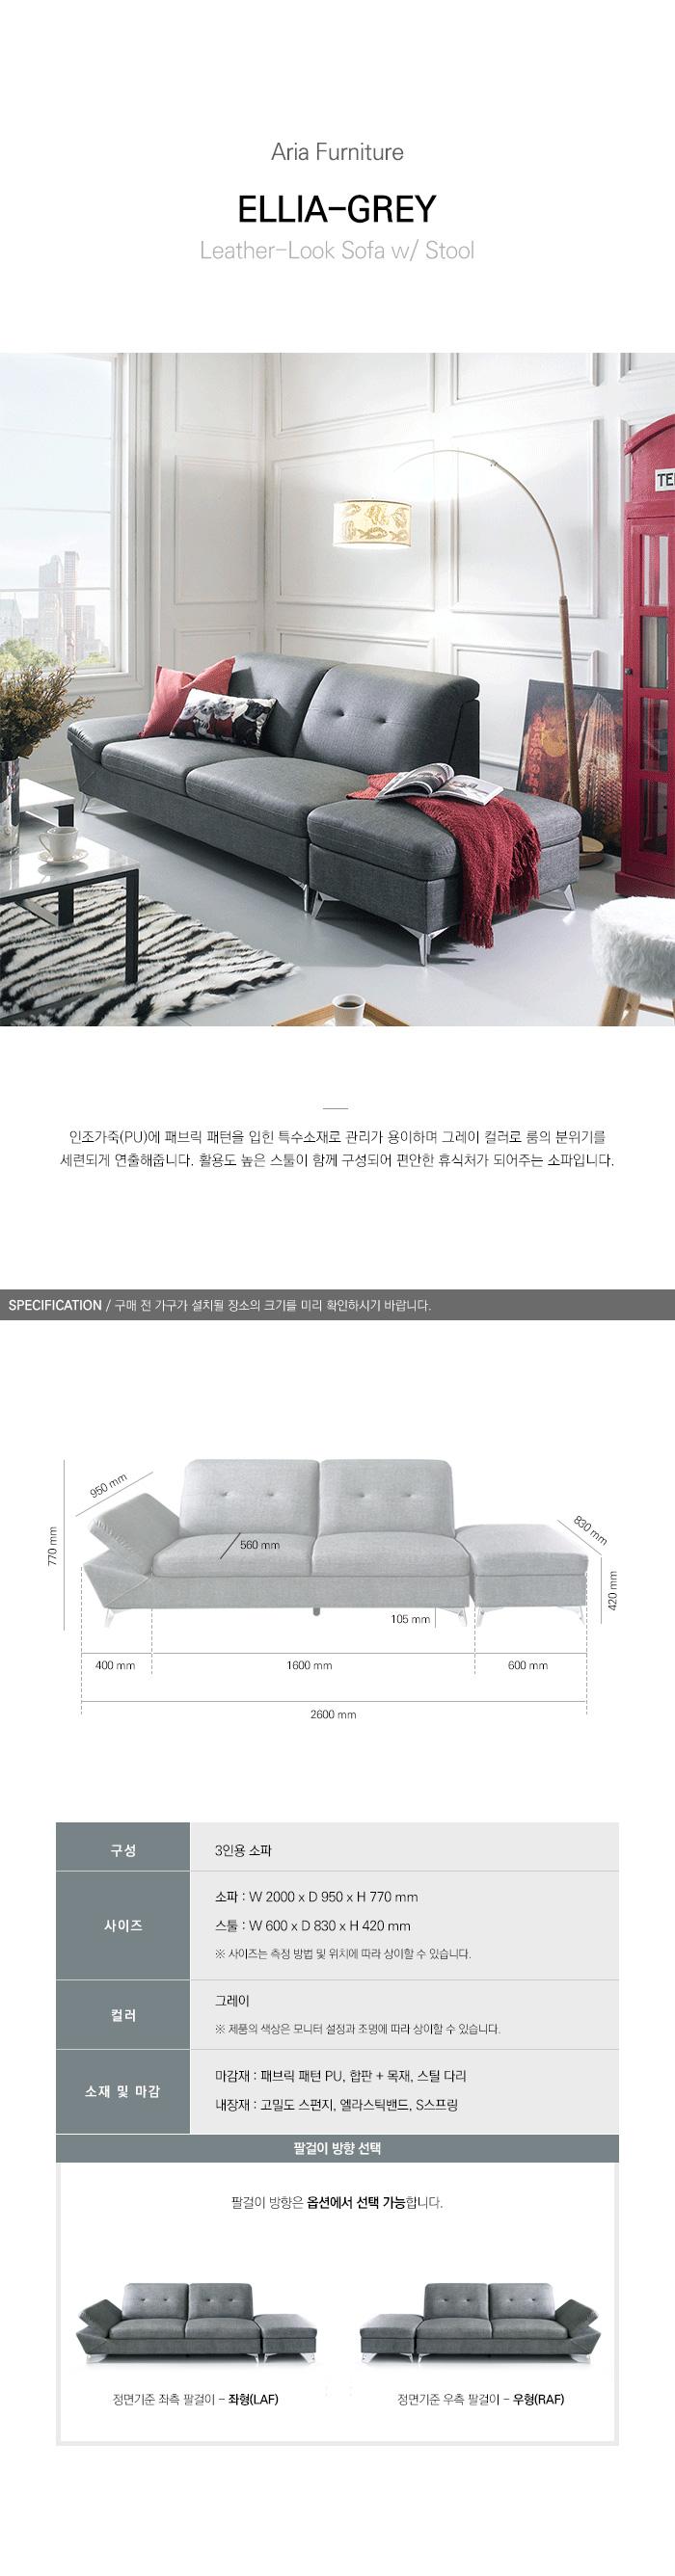 Ellia-Gray-Leather-Look-Sofa_1.jpg